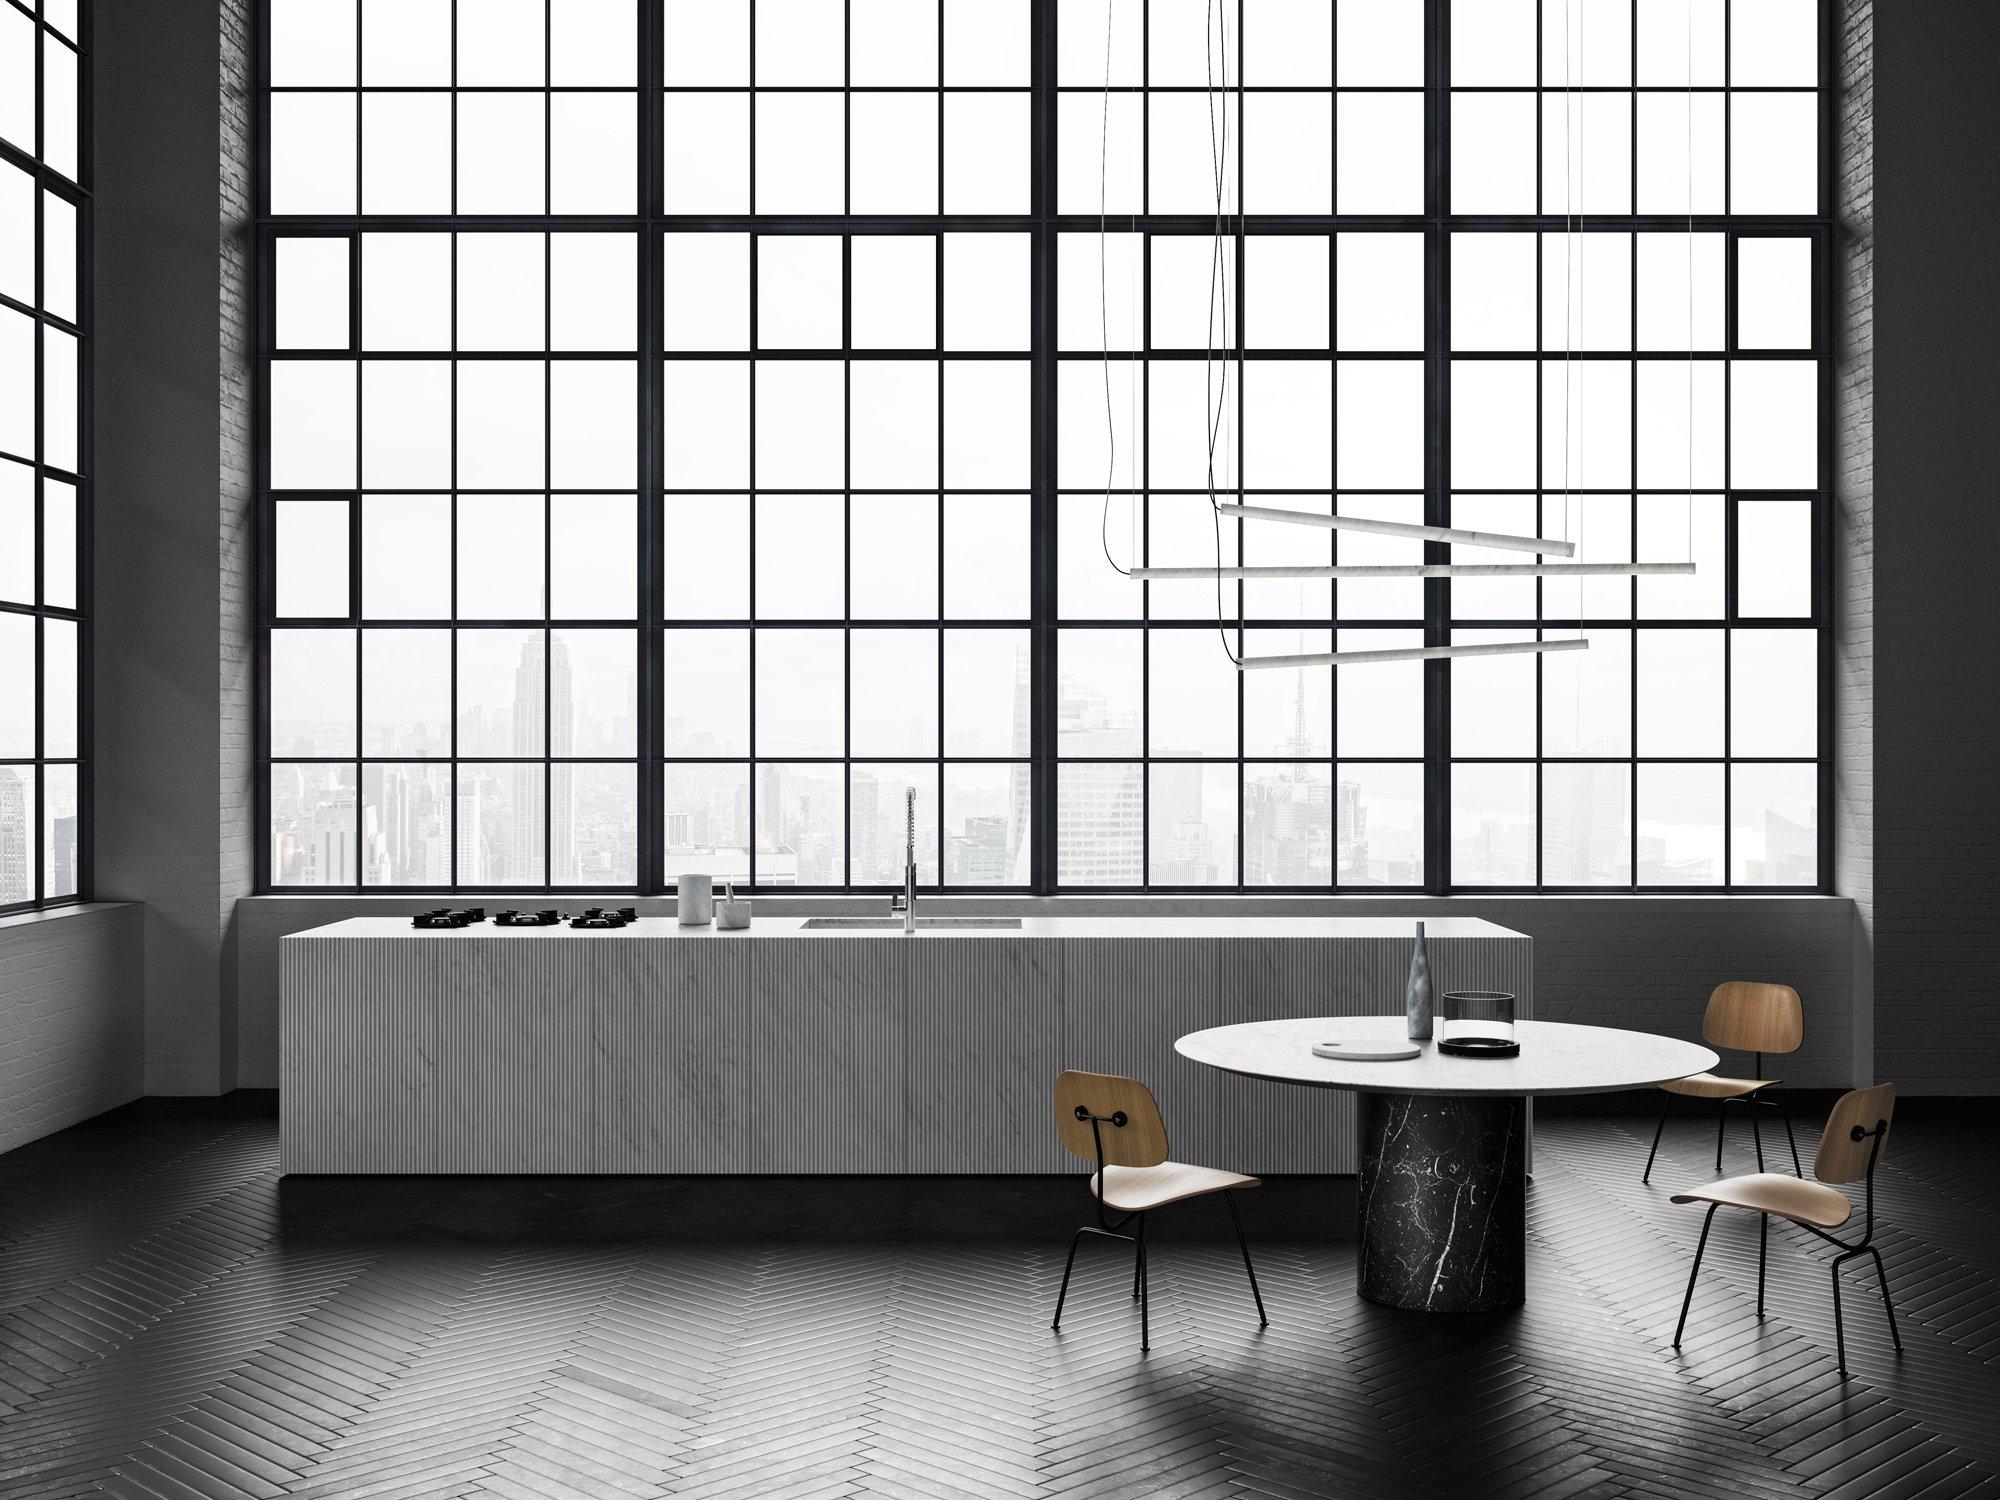 Der italienische Hersteller Salvatori hat sich auf Natursteine wie Marmor, Sand- und Kalkstein spezialisiert. Die Wand- und Bodenelemente, die von Designern wie Piero Lissoni entworfen werden, kommen vorzugsweise in der Küche und im Bad zum Einsatz und wirken immer edel und elegant. Foto/Copyright: Salvatori